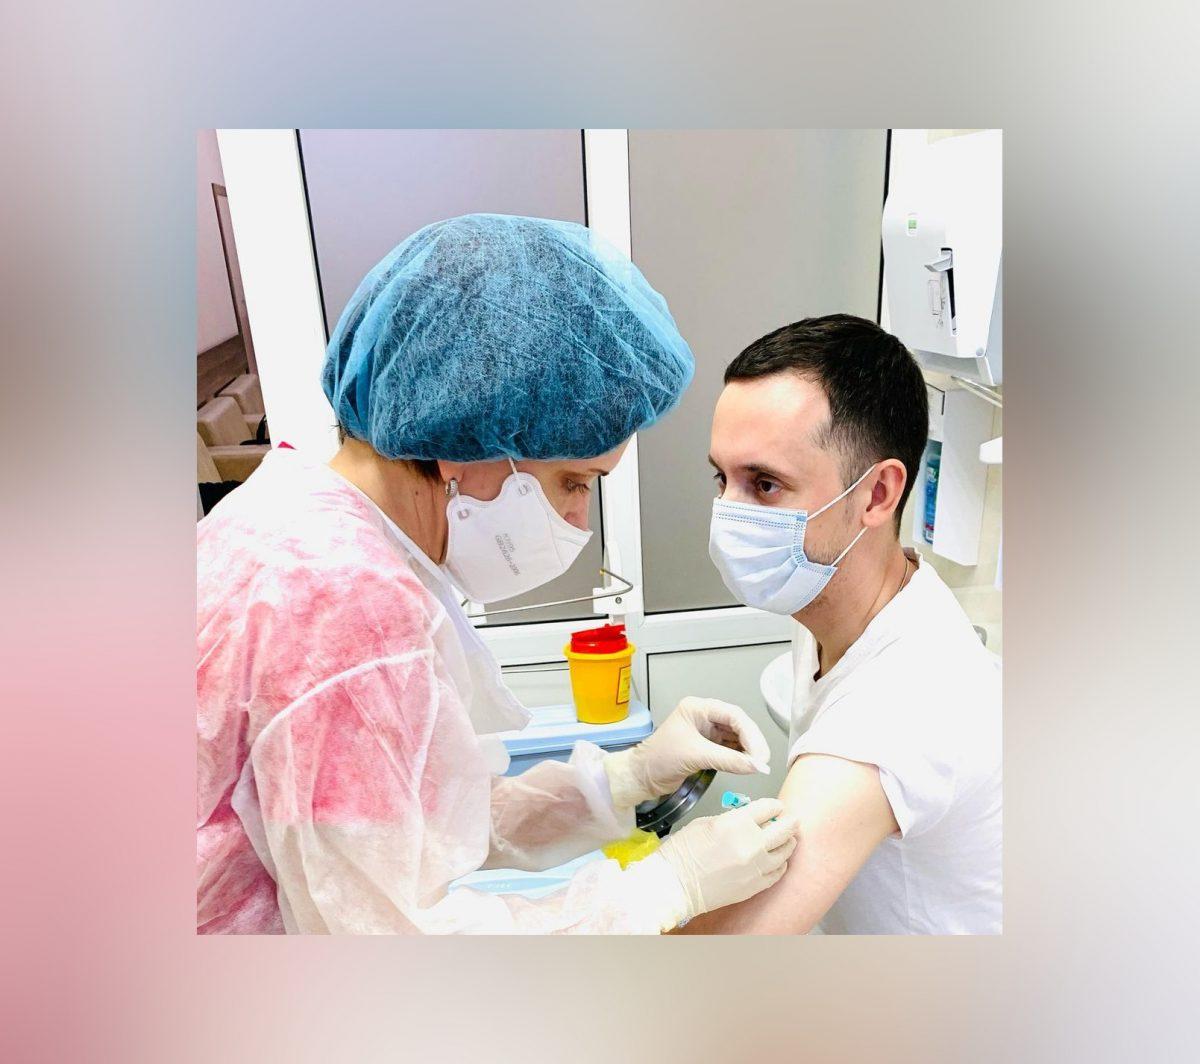 Давид Мелик-Гусейнов прошел вакцинацию от коронавируса